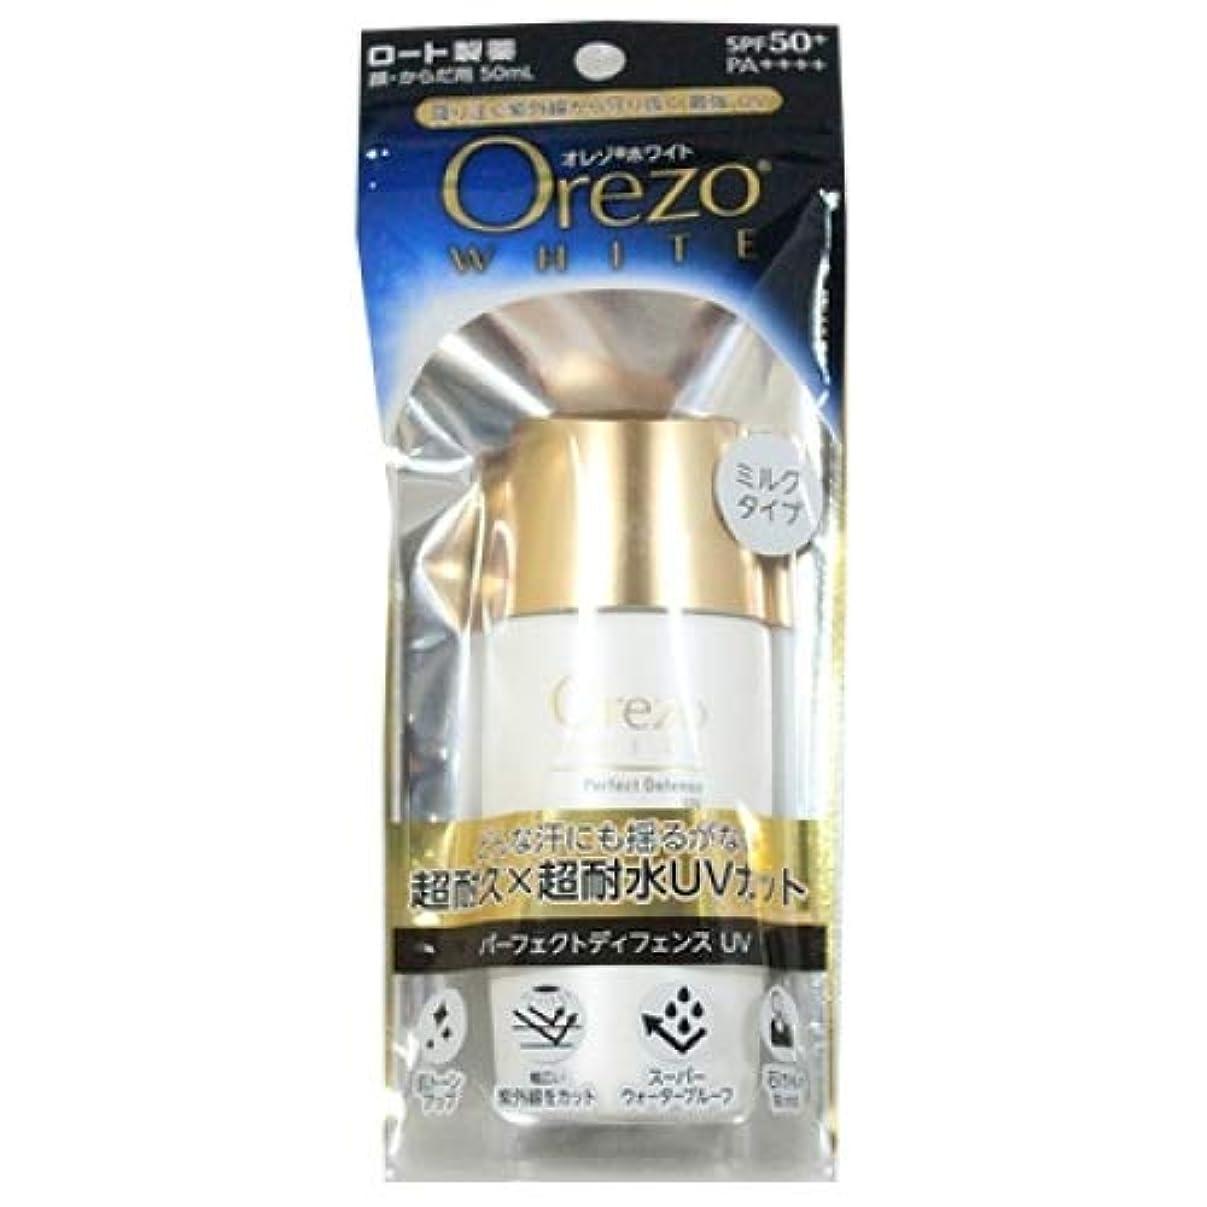 時刻表お嬢守るロート製薬 Orezo オレゾ ホワイト パーフェクトディフェンスUVa SPF50+ PA++++ (50mL)